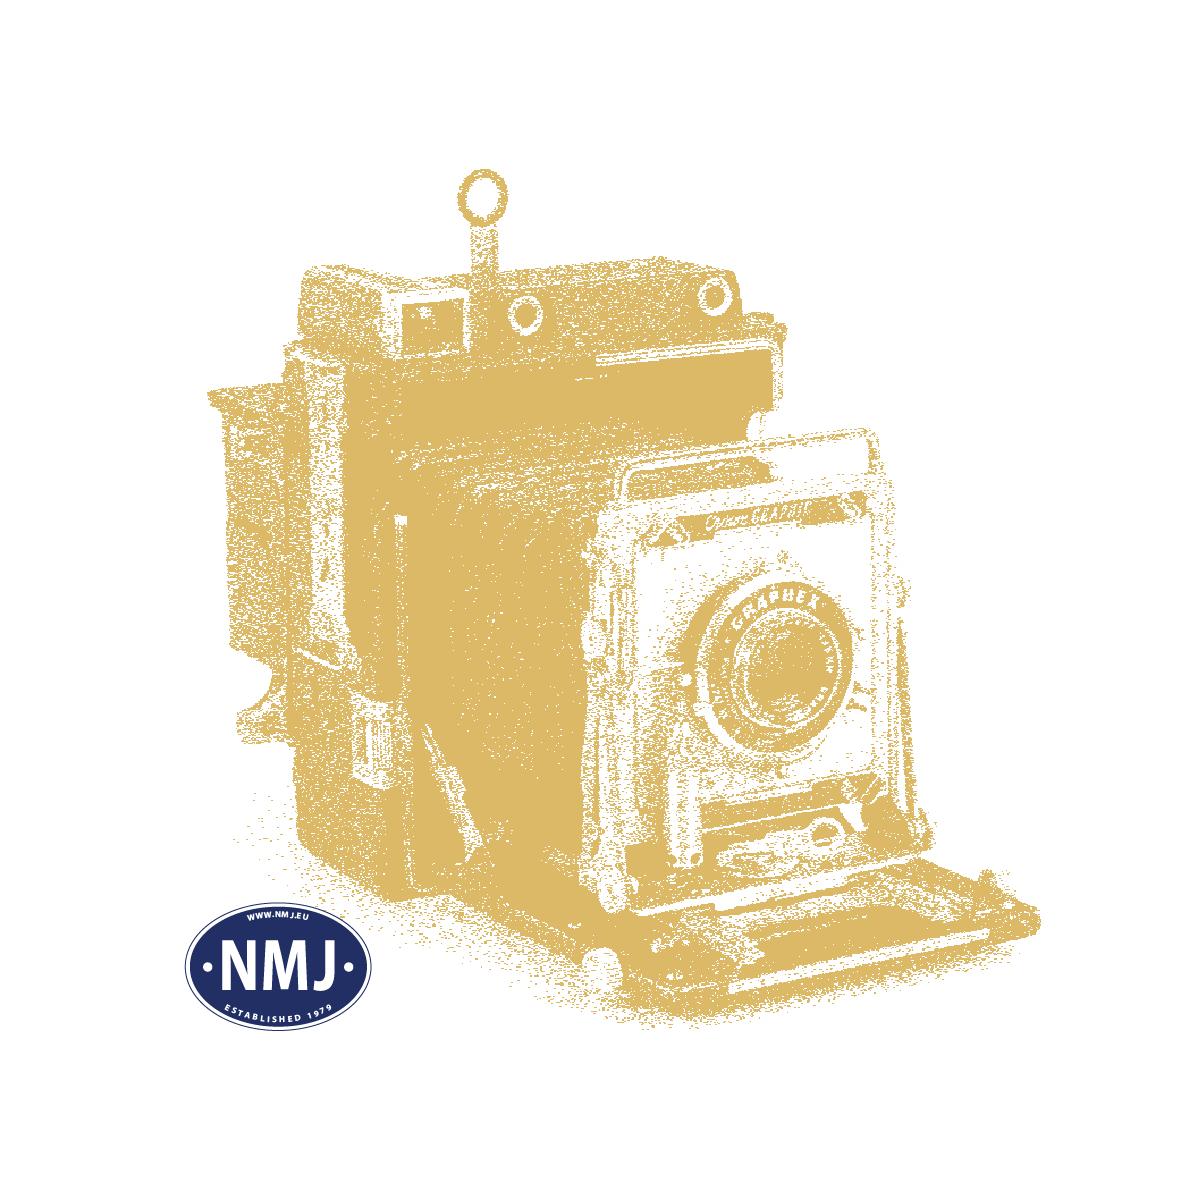 NMJT405.102 - NMJ Topline MAV Liggevogn Bcmz 50-91, 2. Klasse Couchette